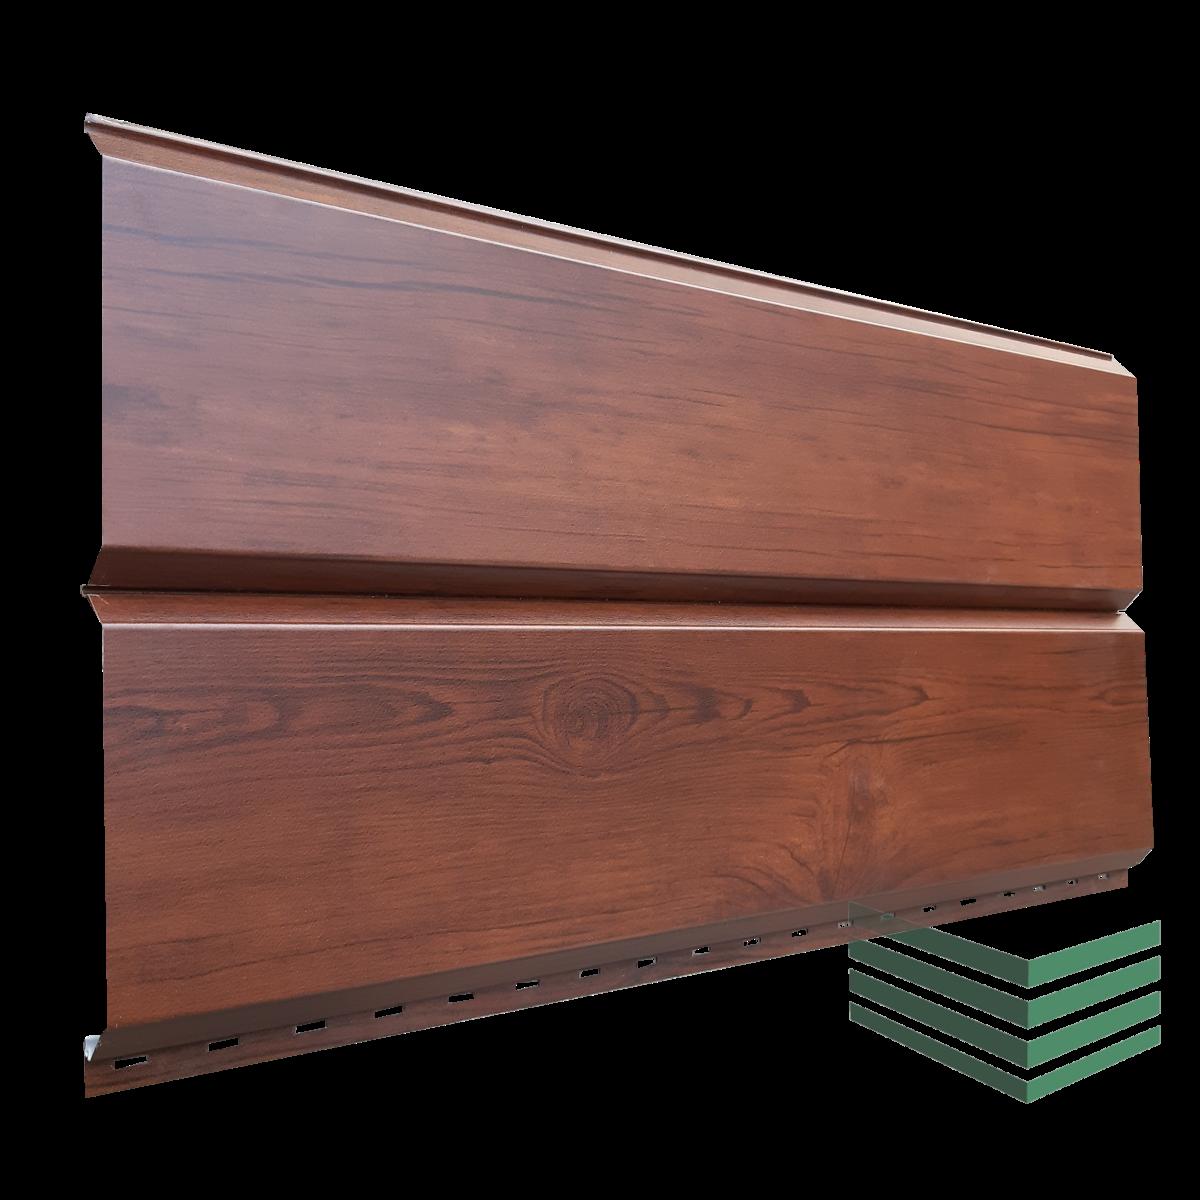 Обзор 5 производителей фиброцементного сайдинга и панелей с предложениями от 680 до 1600 руб. за квадратный метр